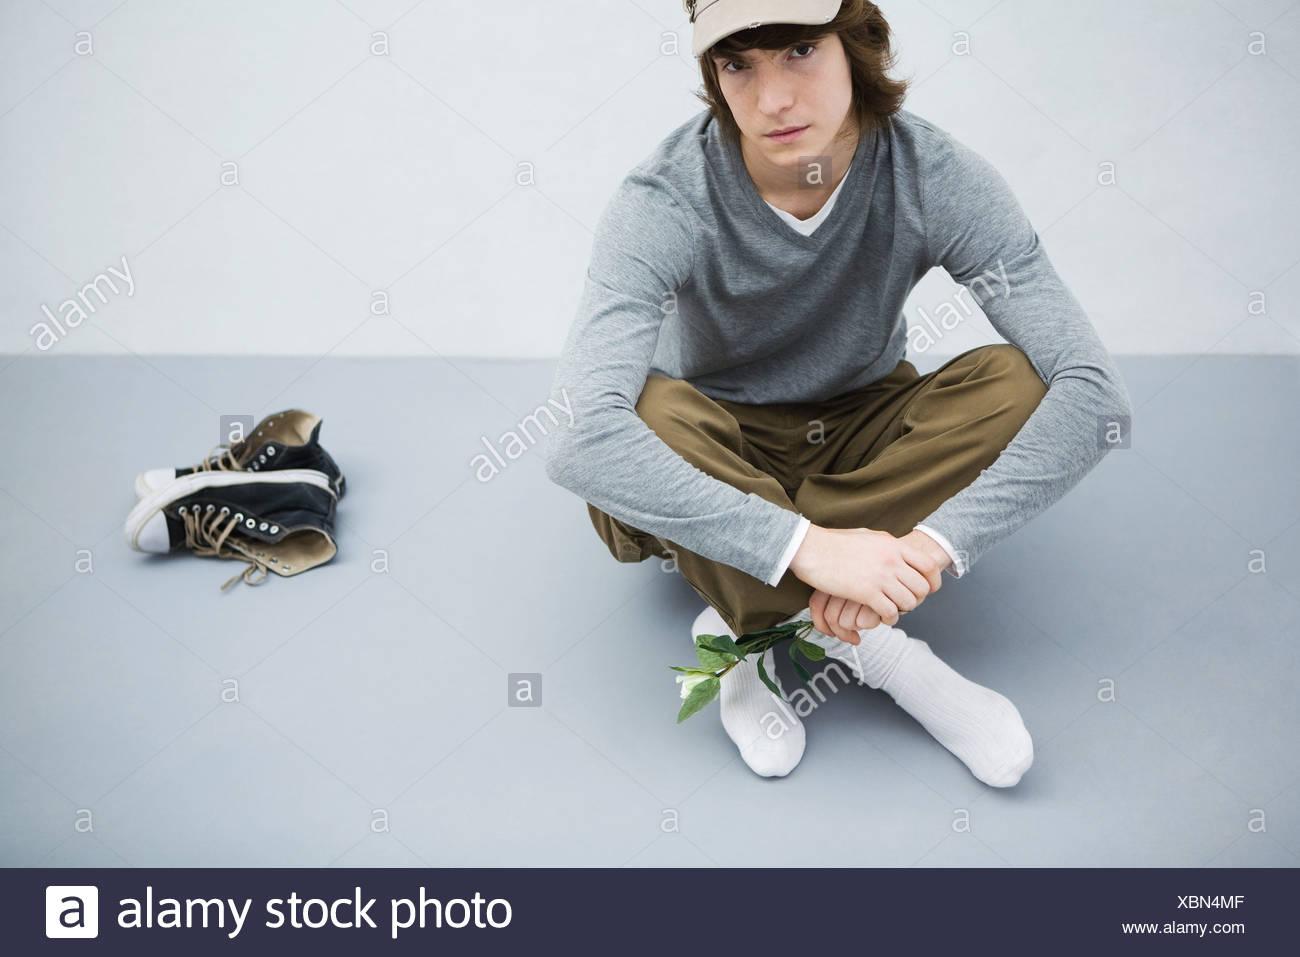 Jeune homme assis sur le sol à côté de ses chaussures, holding flower,  looking at camera db533502e30e